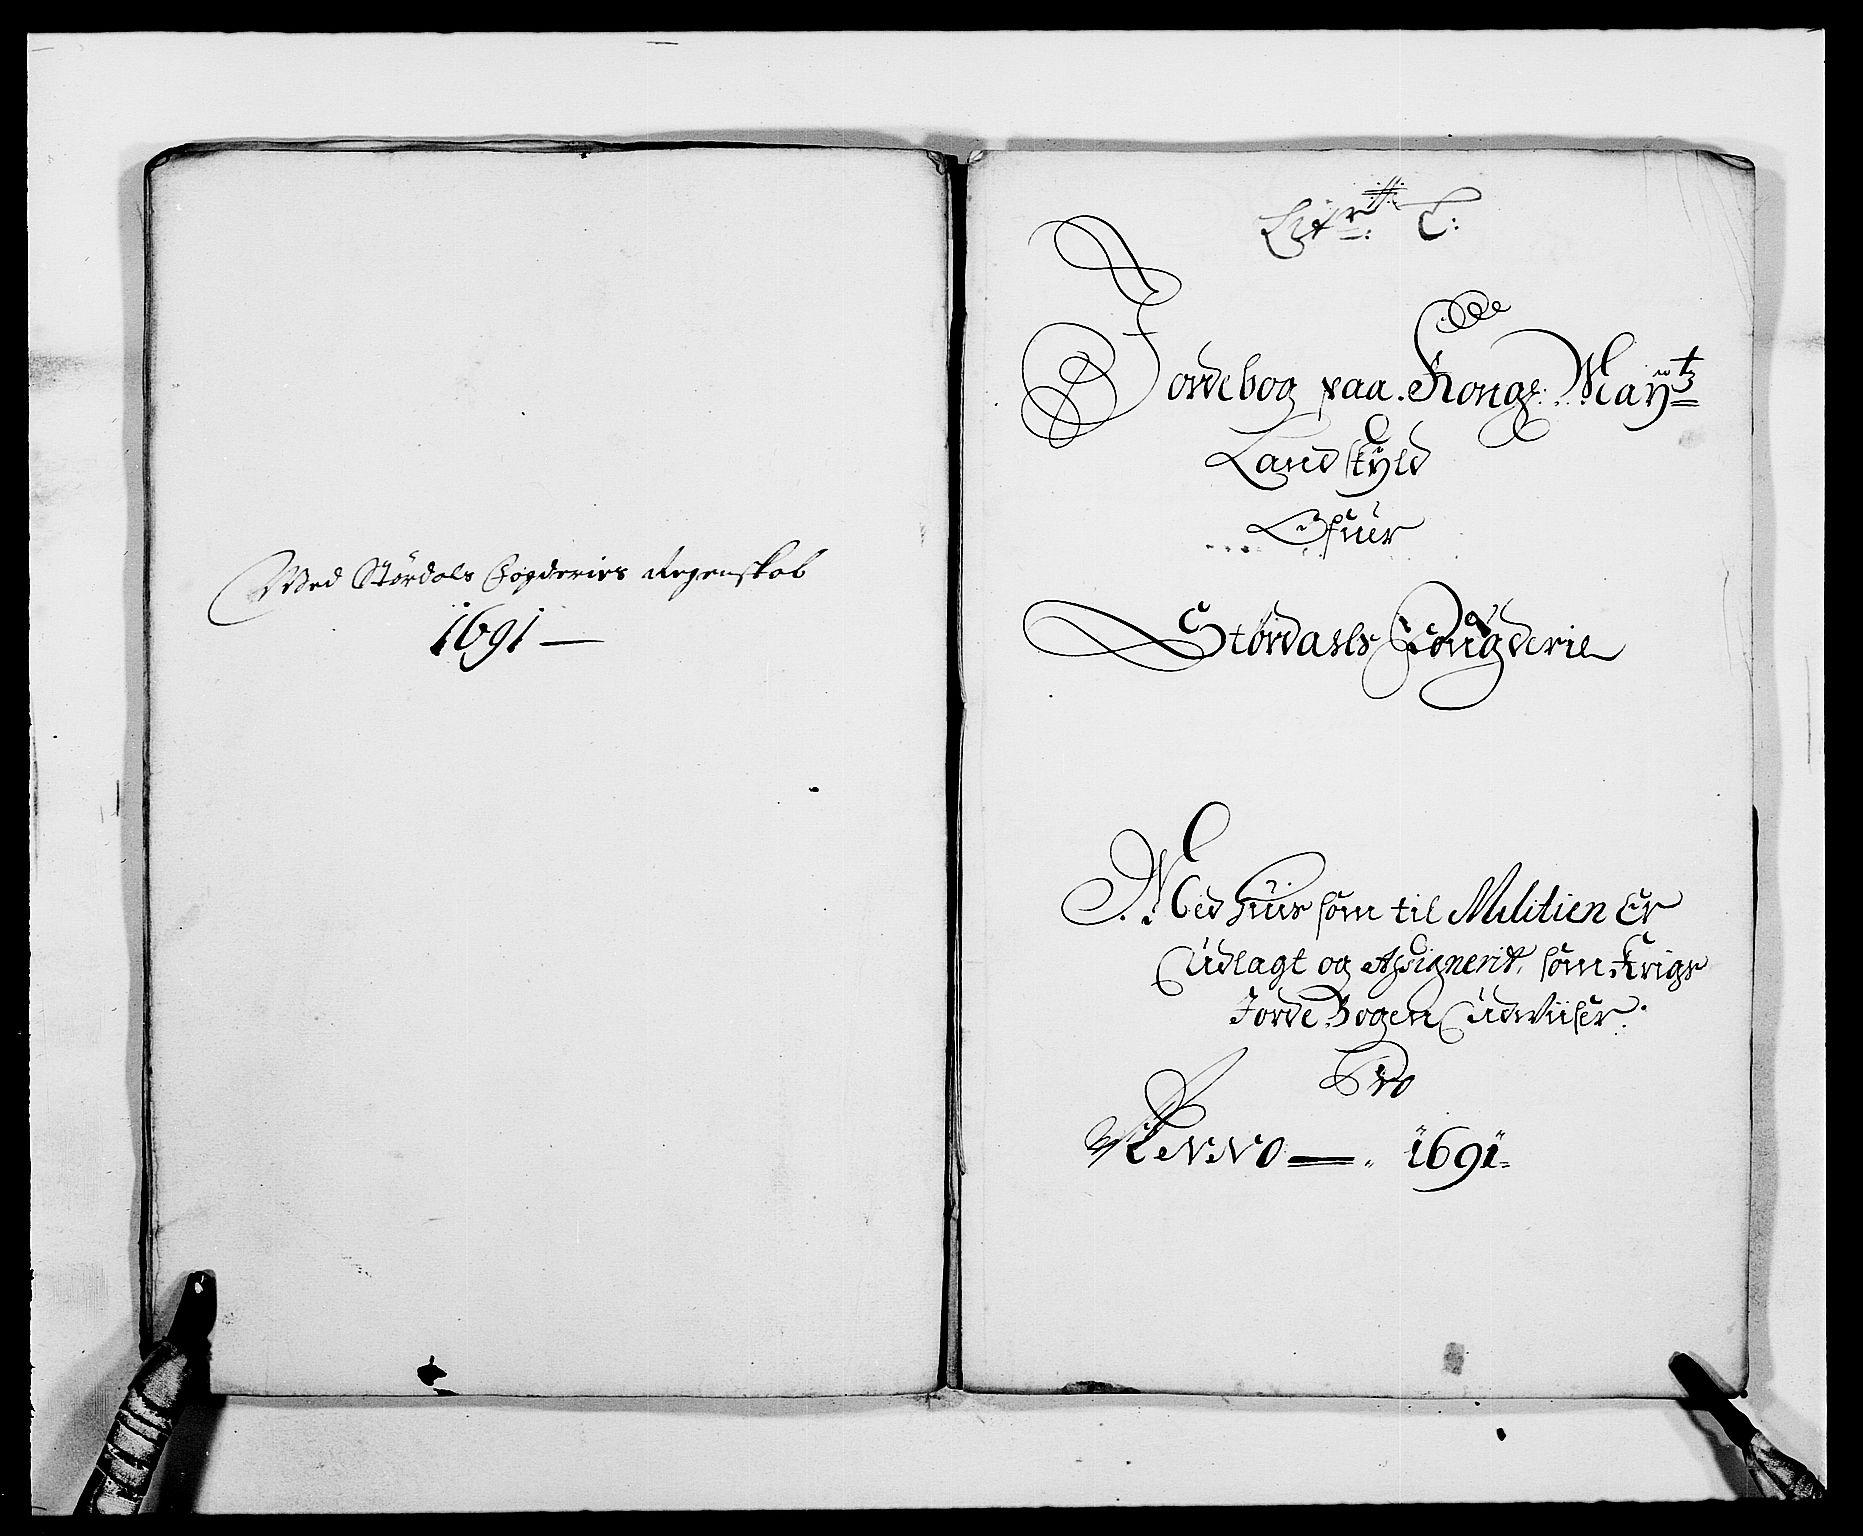 RA, Rentekammeret inntil 1814, Reviderte regnskaper, Fogderegnskap, R62/L4184: Fogderegnskap Stjørdal og Verdal, 1690-1691, s. 388